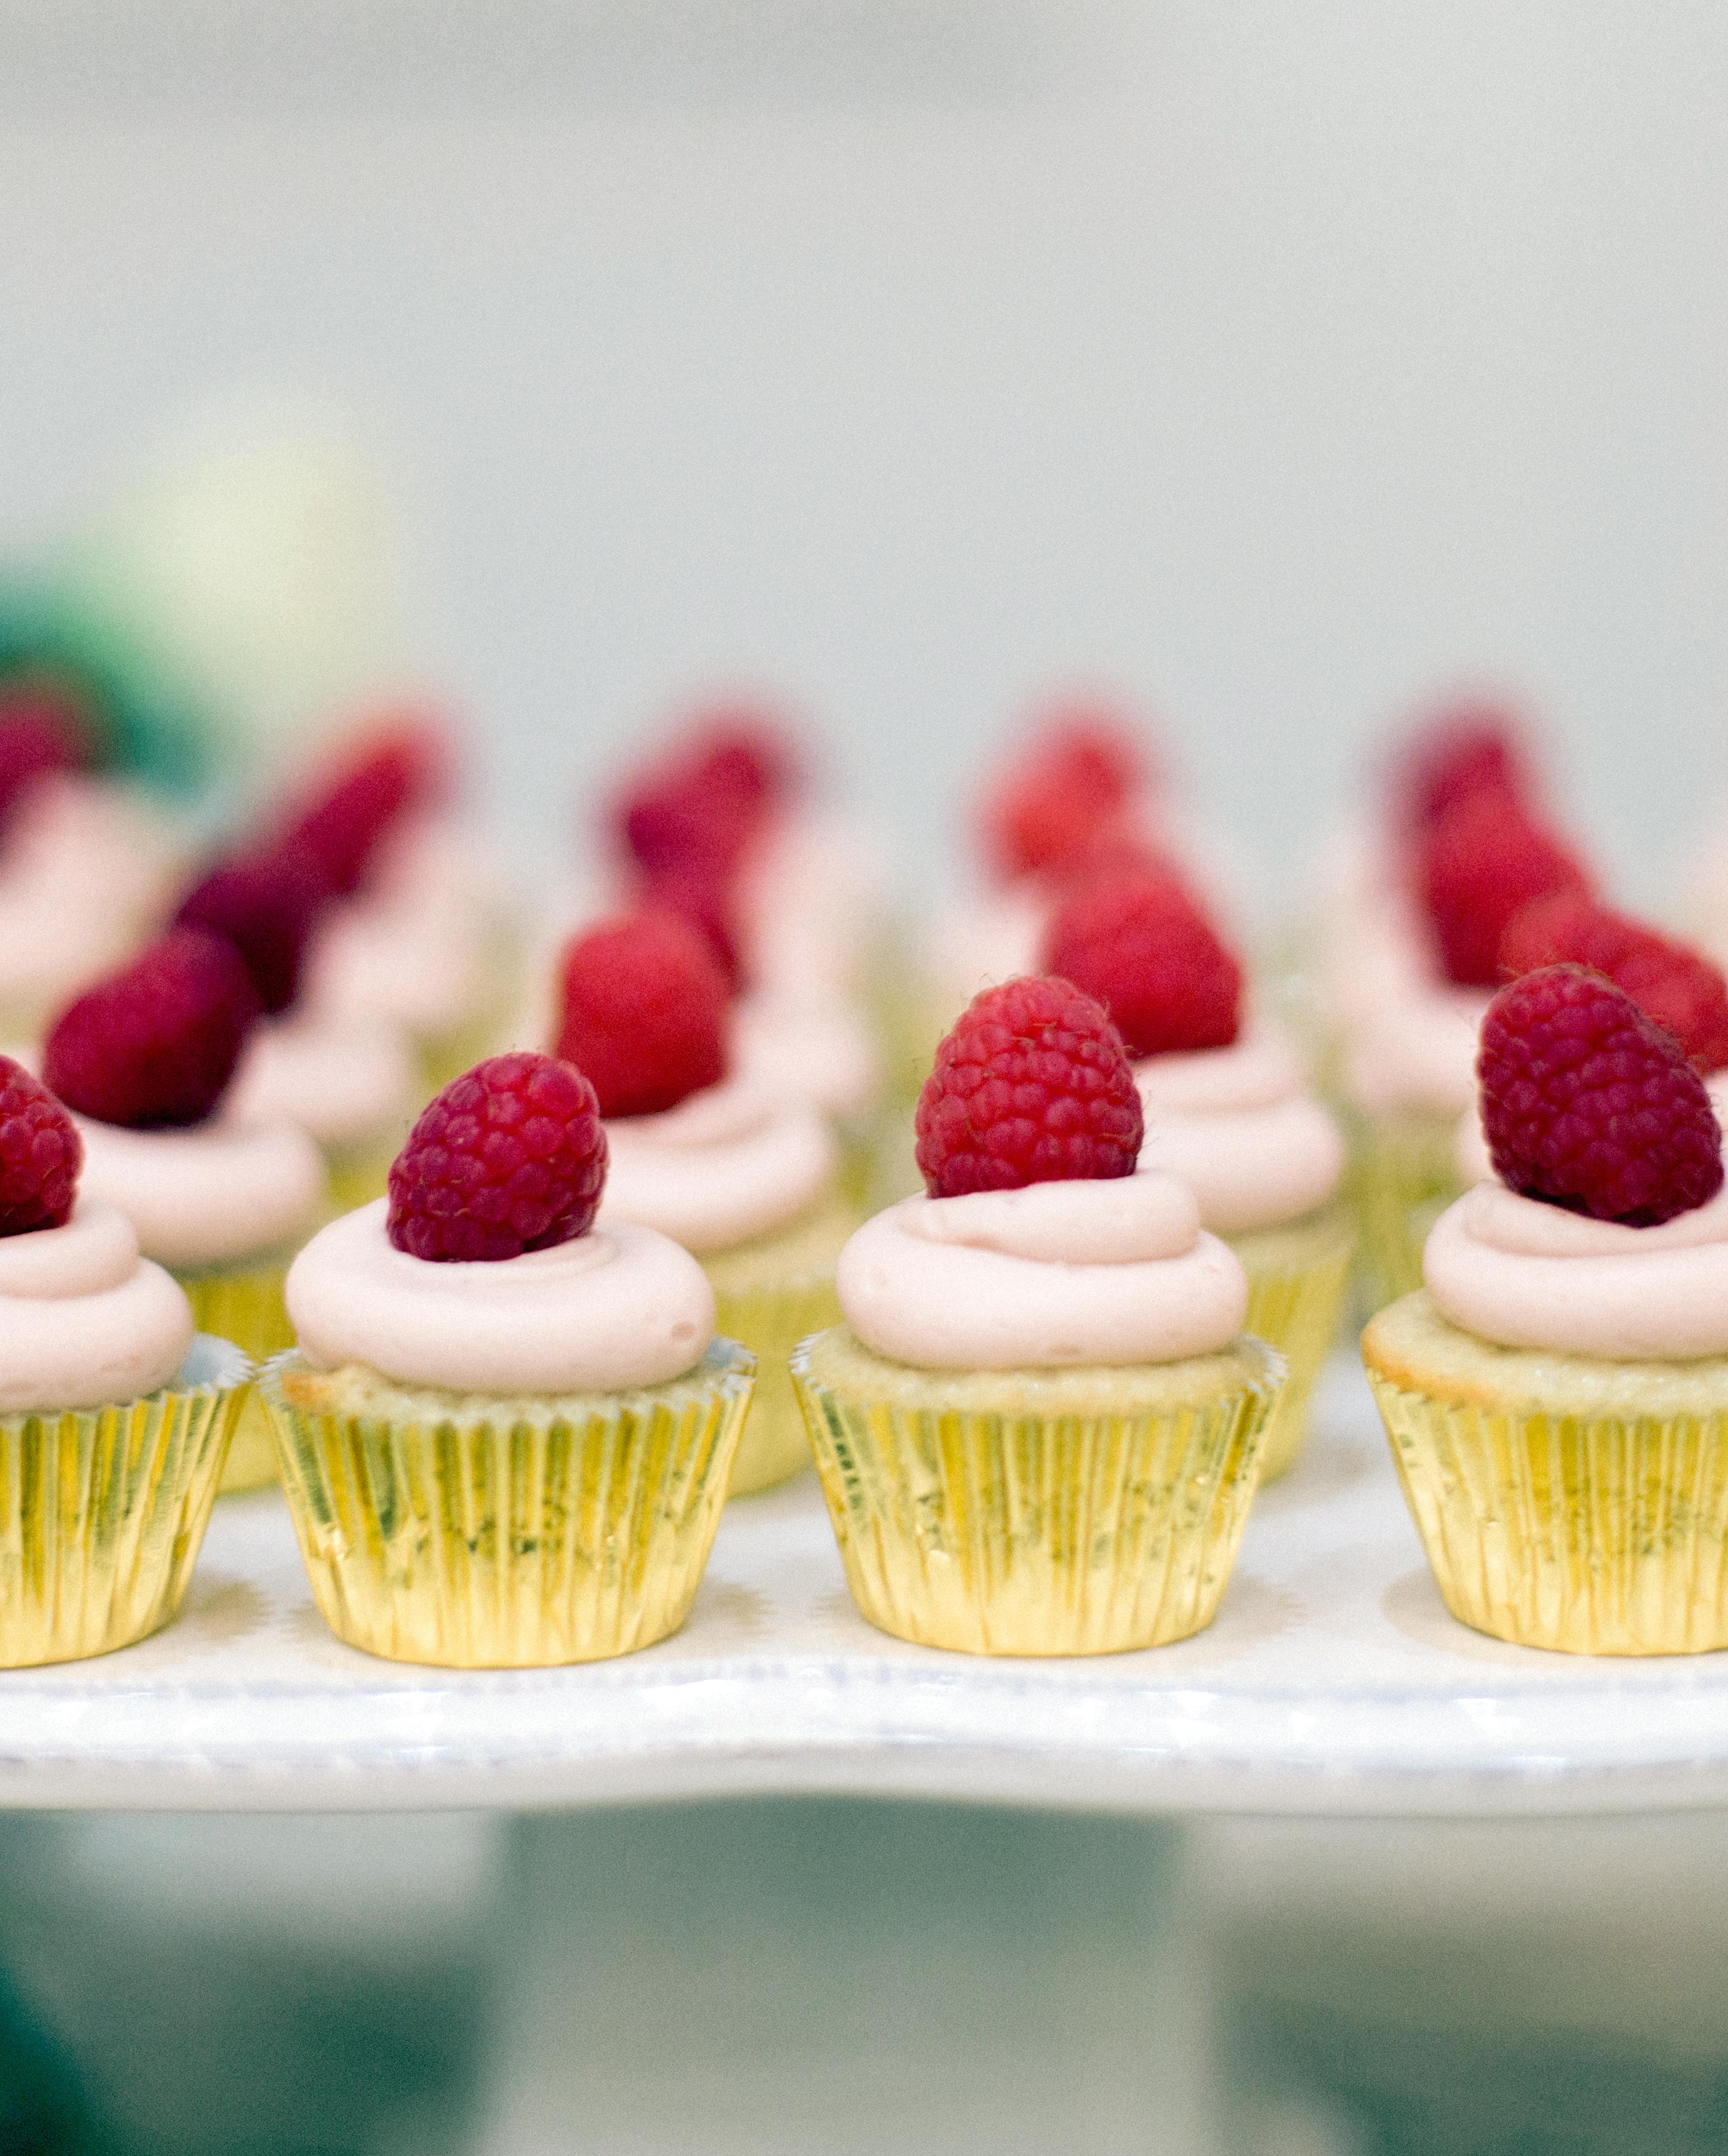 rachel-tyson-wedding-cupcakes-128-s112158-0915.jpg